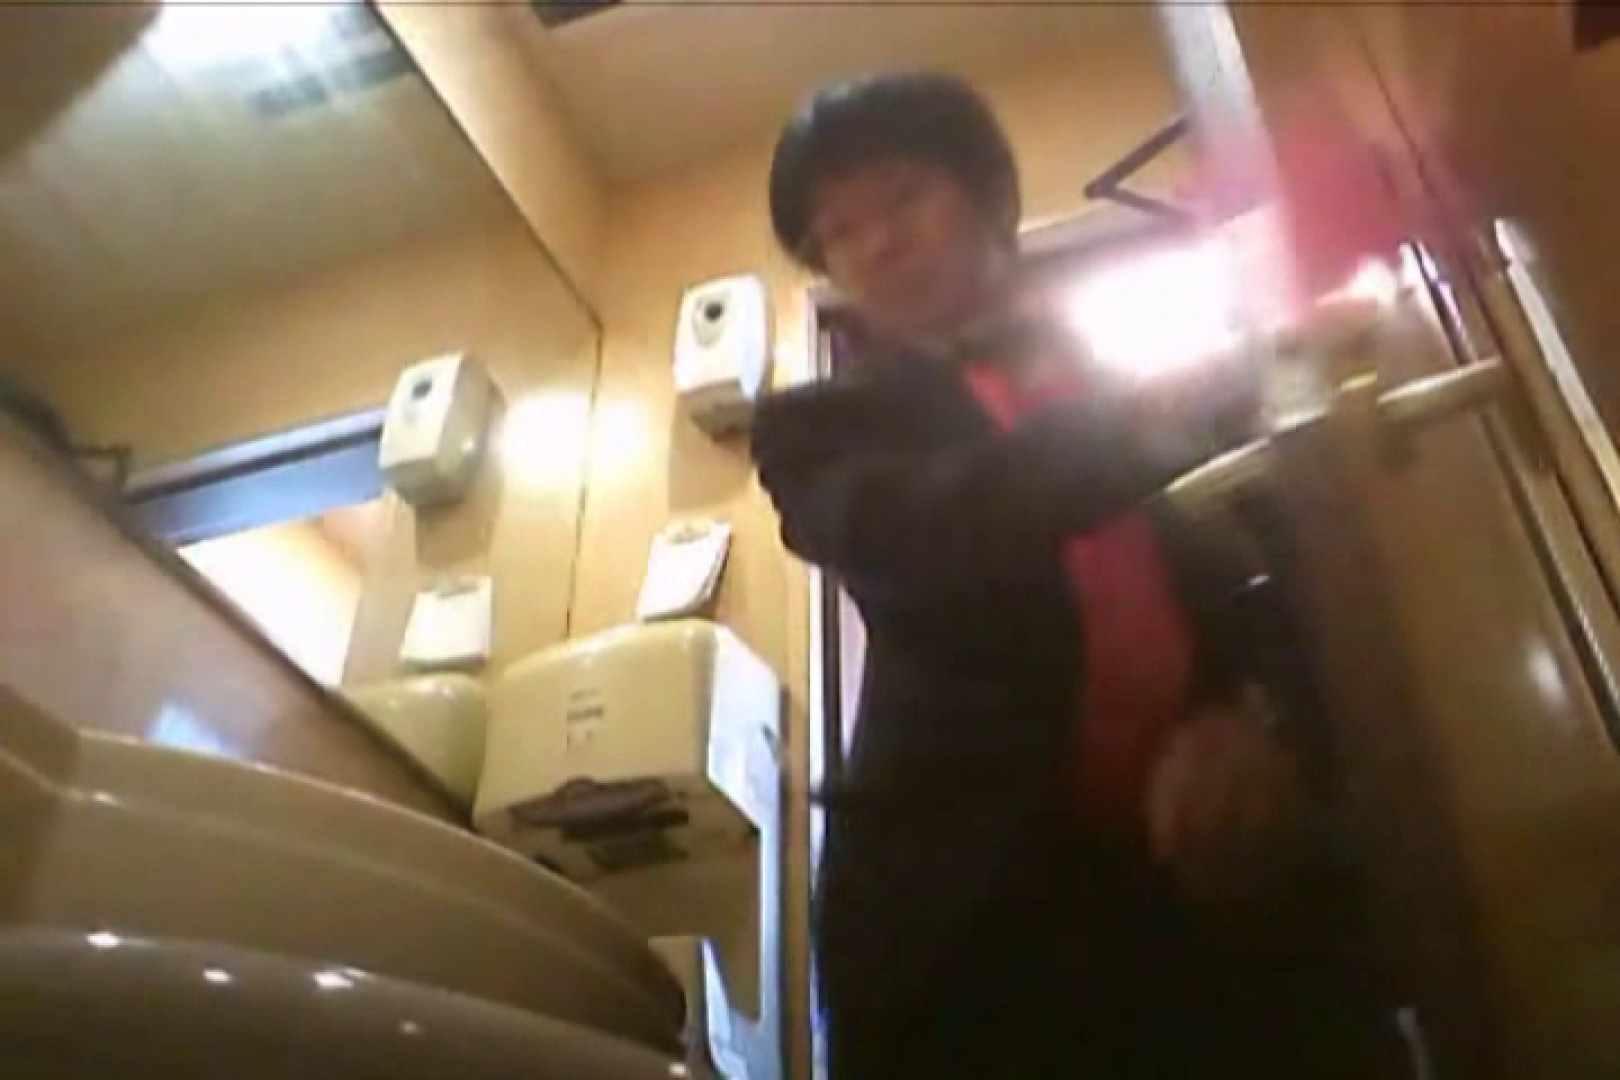 SEASON 2ND!掴み取りさんの洗面所覗き!in新幹線!VOL.21 ボーイズ私服 | 完全無修正でお届け  110pic 70